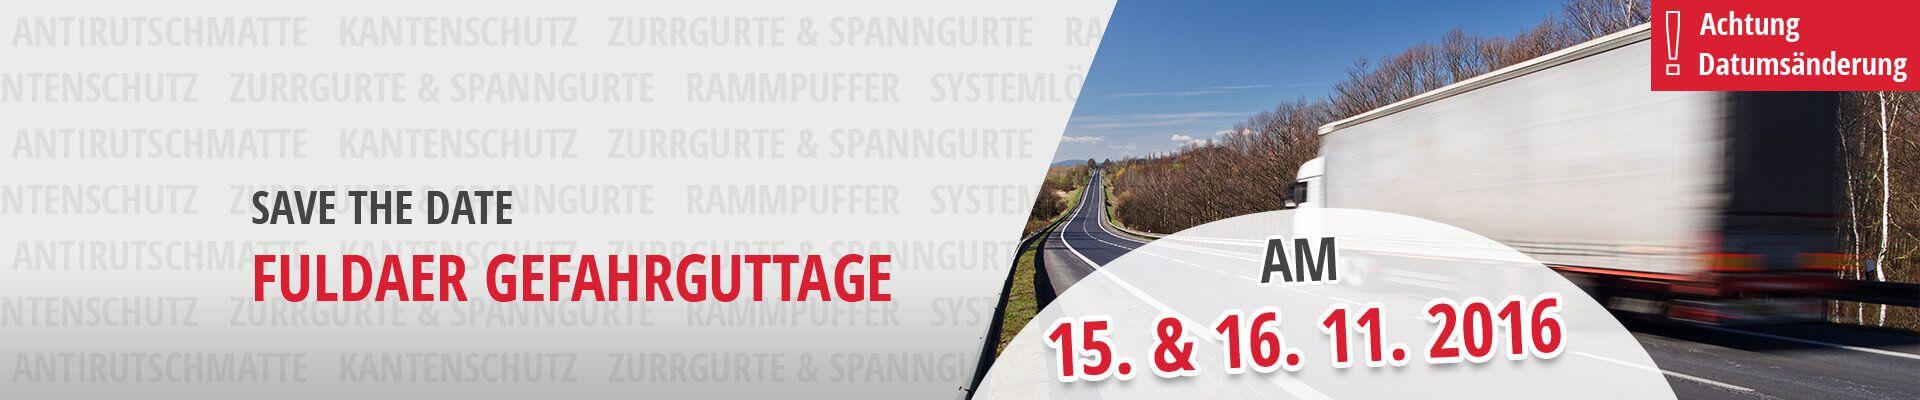 SAFE THE DATE: Fuldaer Gefahrguttage 15.-16. November 2016